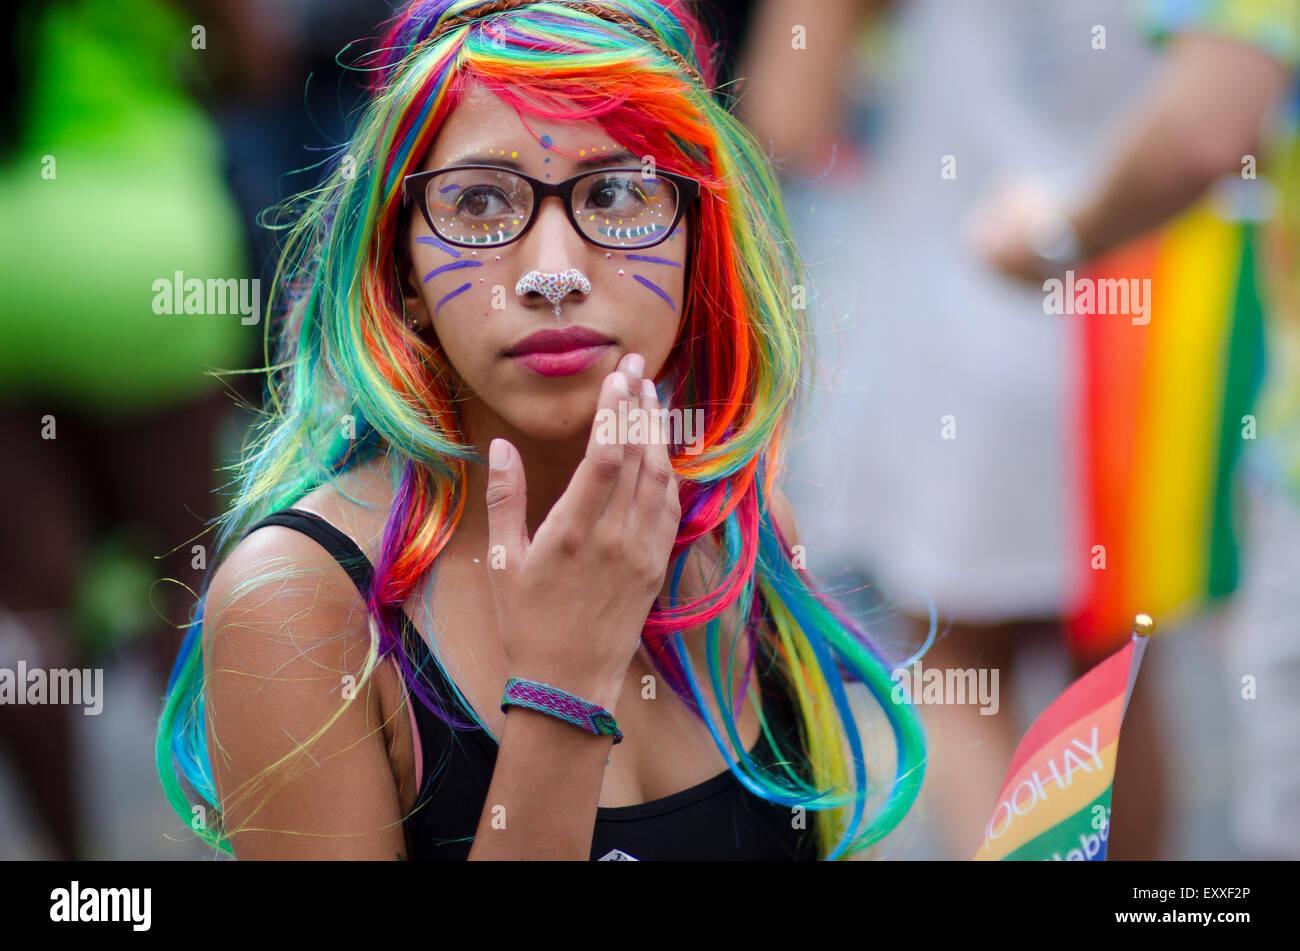 NEW YORK CITY, USA - 28. Juni 2015: Junge Frau, gekleidet in bunte Perücke sieht bei den Feierlichkeiten die Stockbild